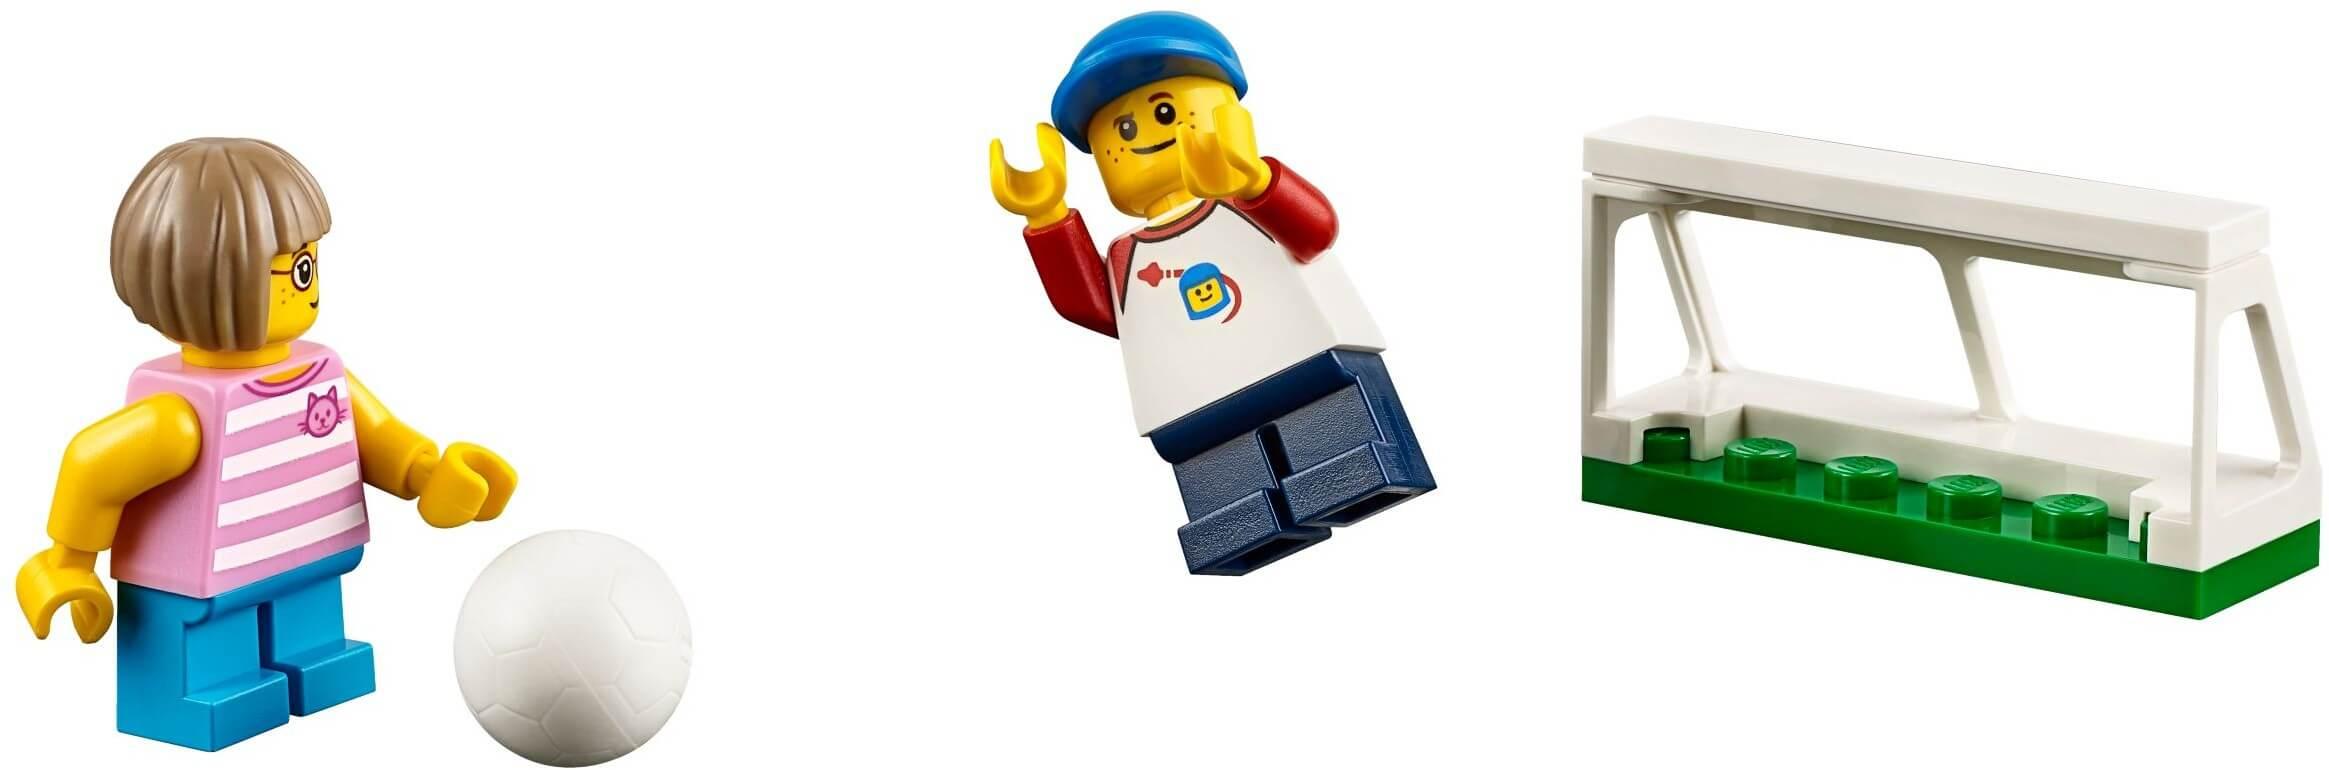 Mua đồ chơi LEGO 60134 - LEGO City 60134 - Công Viên Giải Trí - 15 nhân vật minifigure! (LEGO City Fun in the Park - City People Pack 60134)